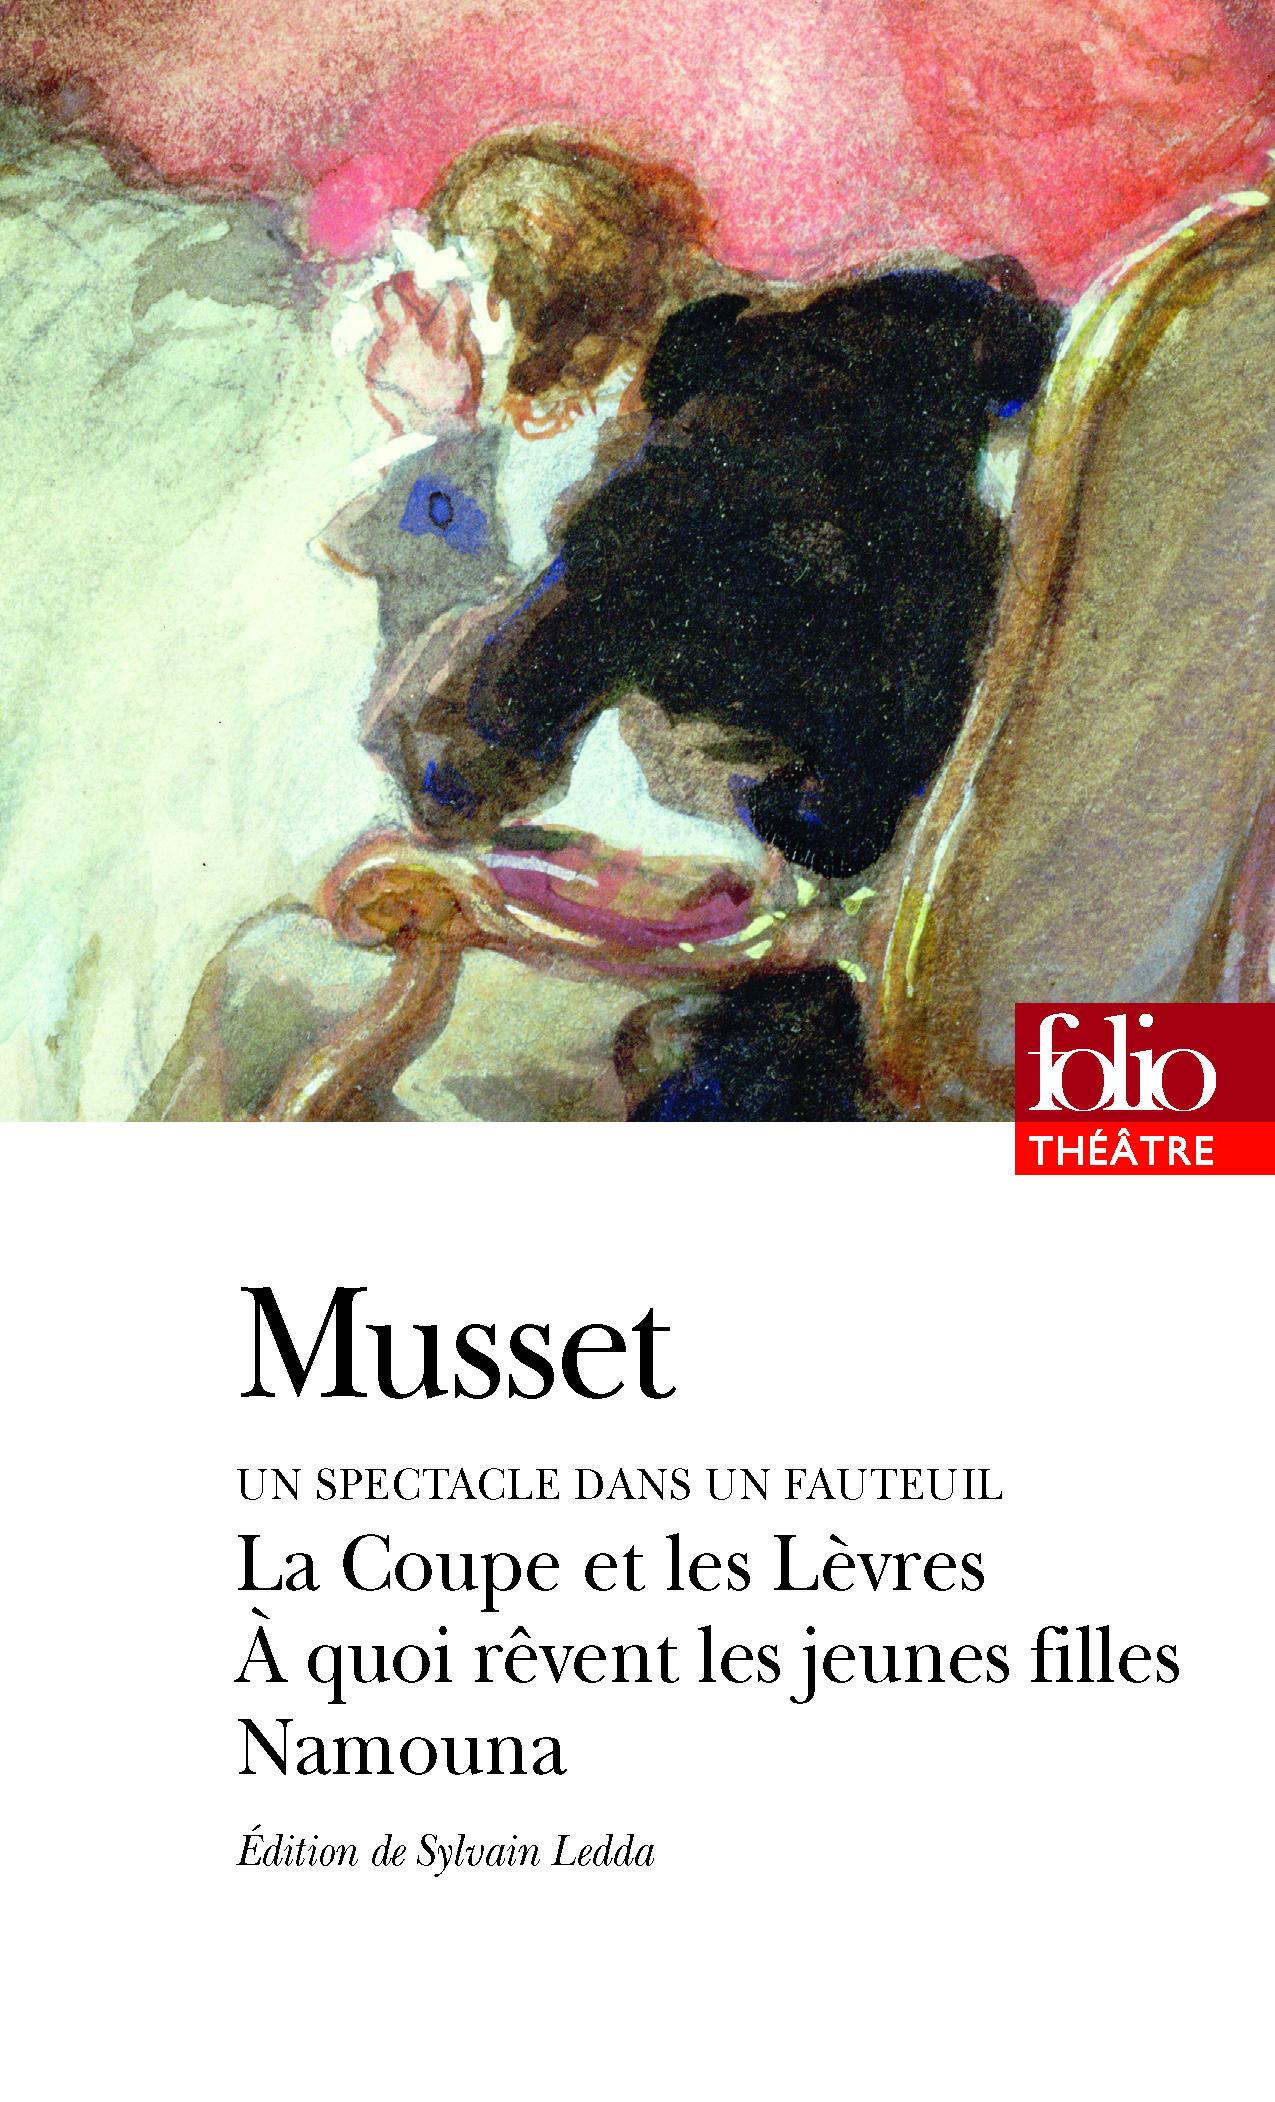 Alfred De Musset, Un spectacle dans un fauteuil. À quoi rêvent les jeunes filles précédé de La Coupe et les Lèvres et suivi de Namouna